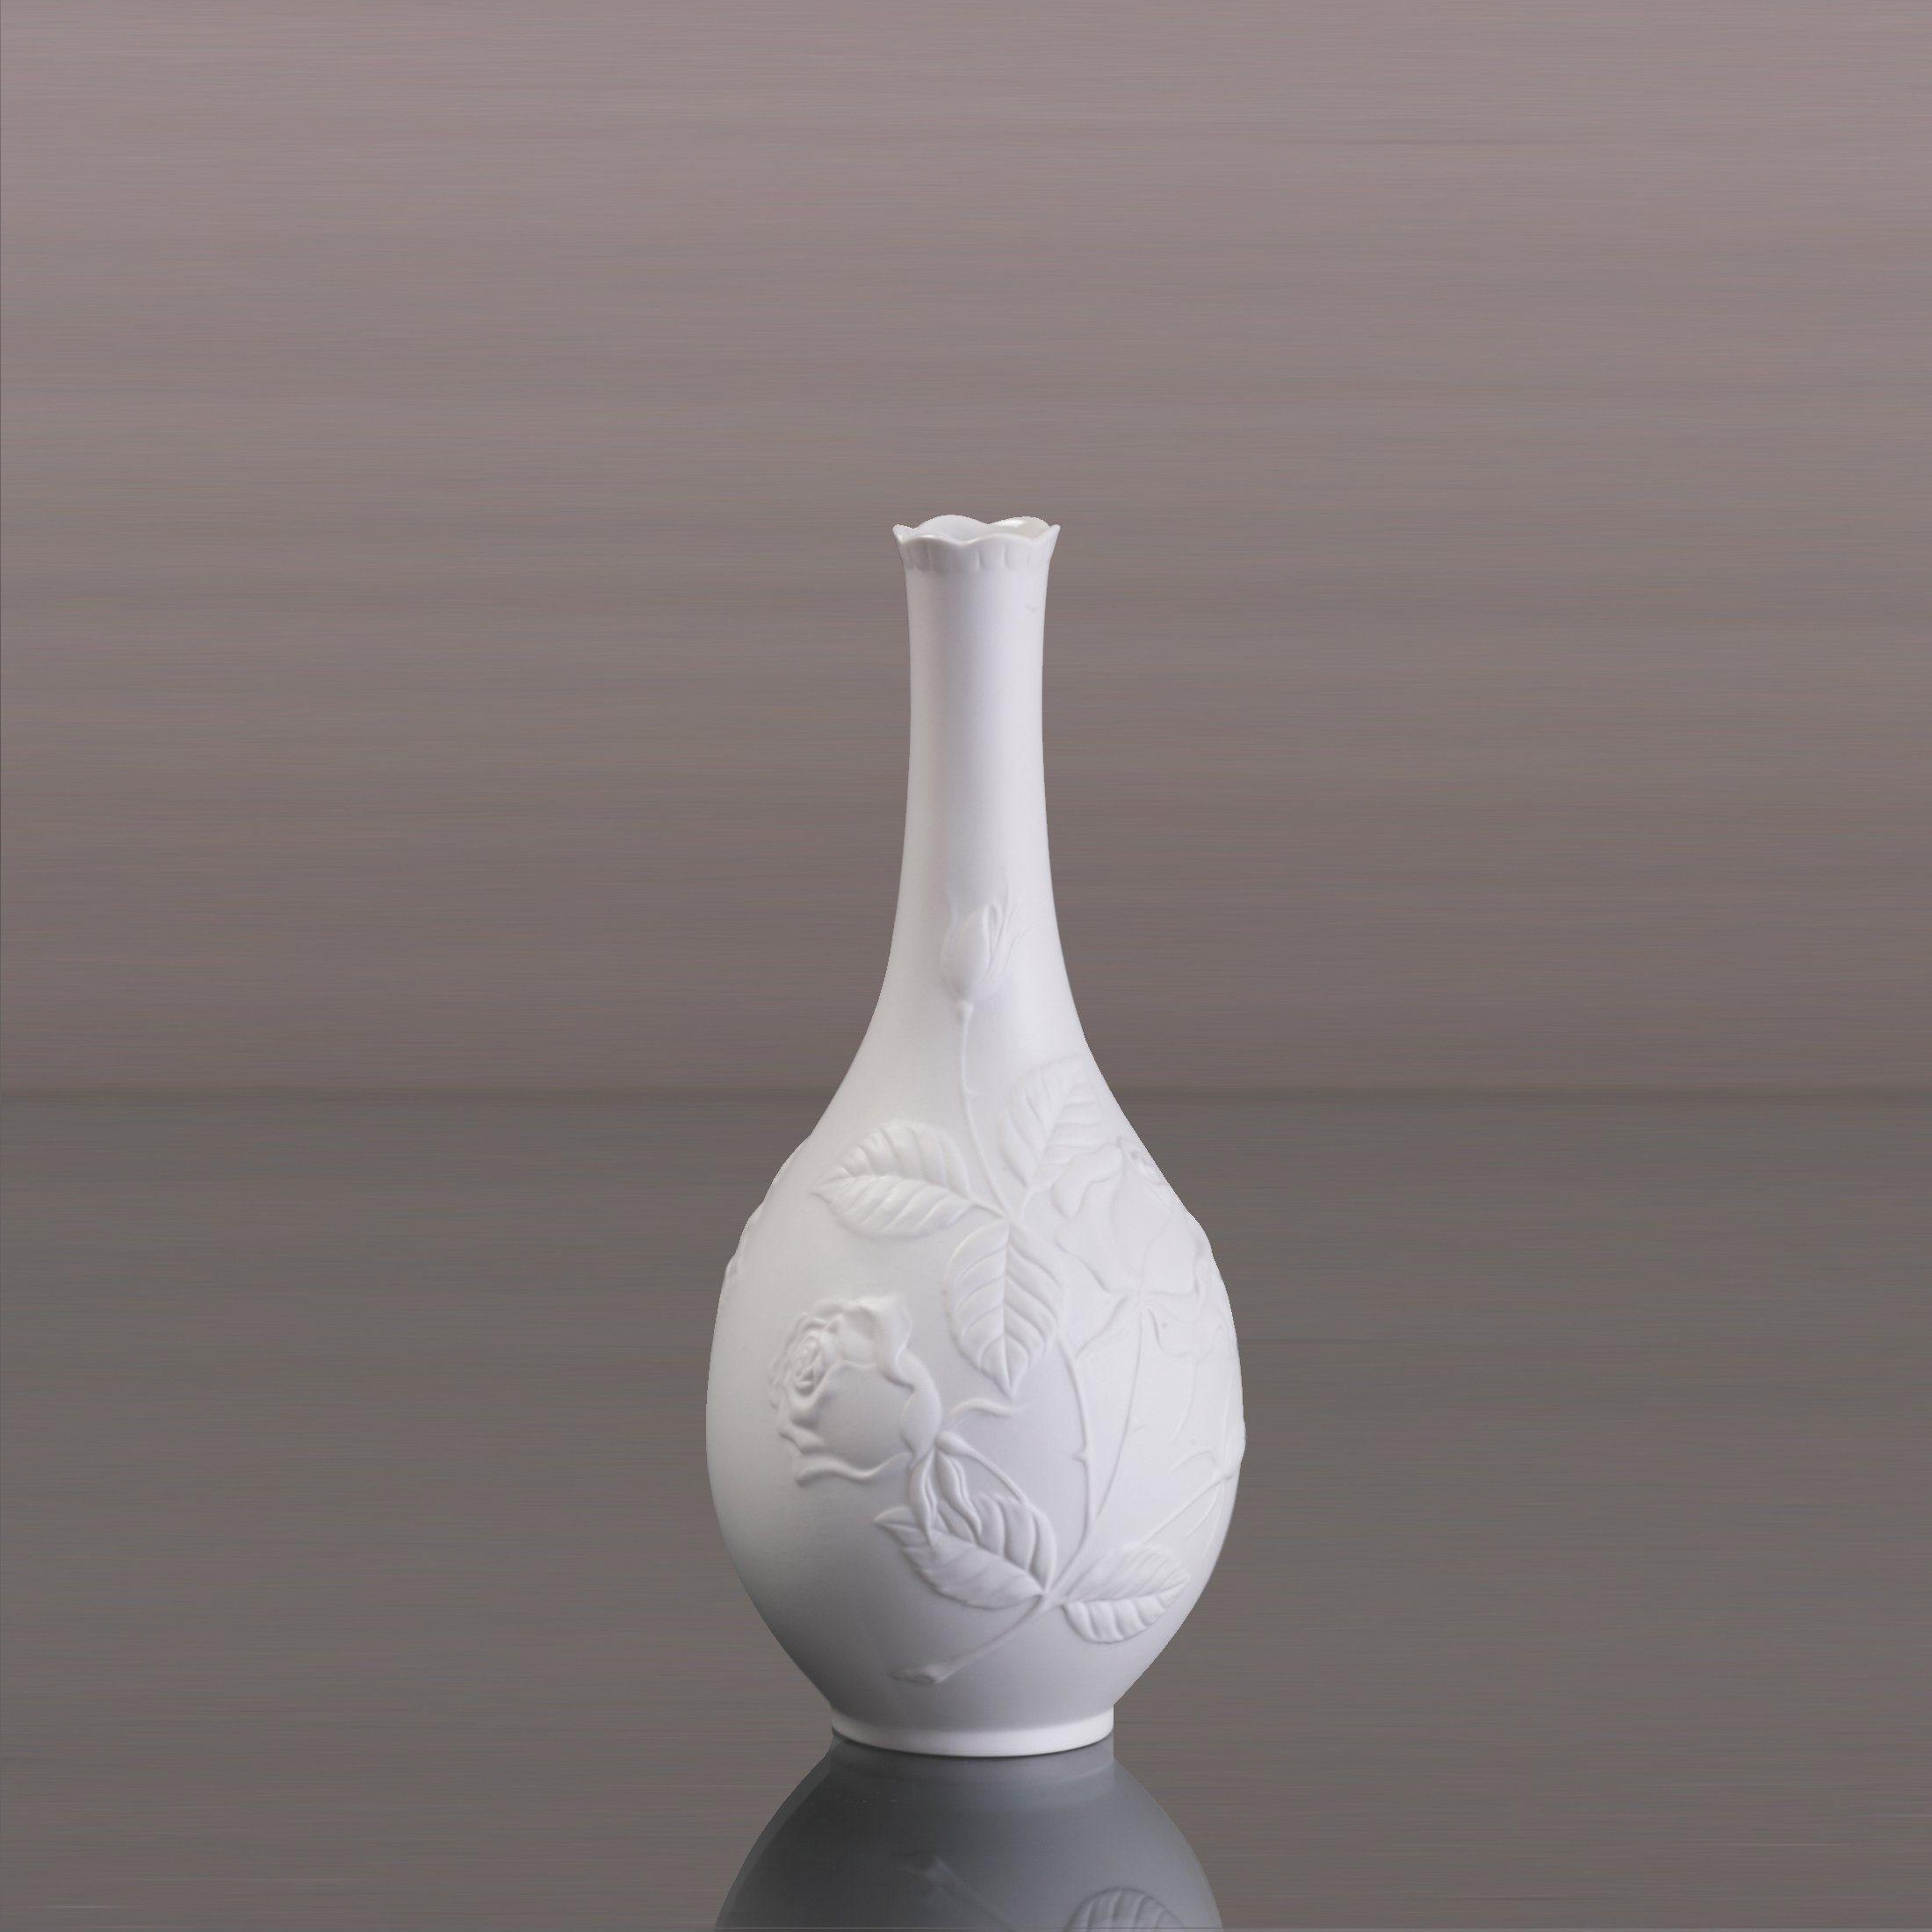 Kaiser Porzellan Vase Rosengarten 21,00 cm